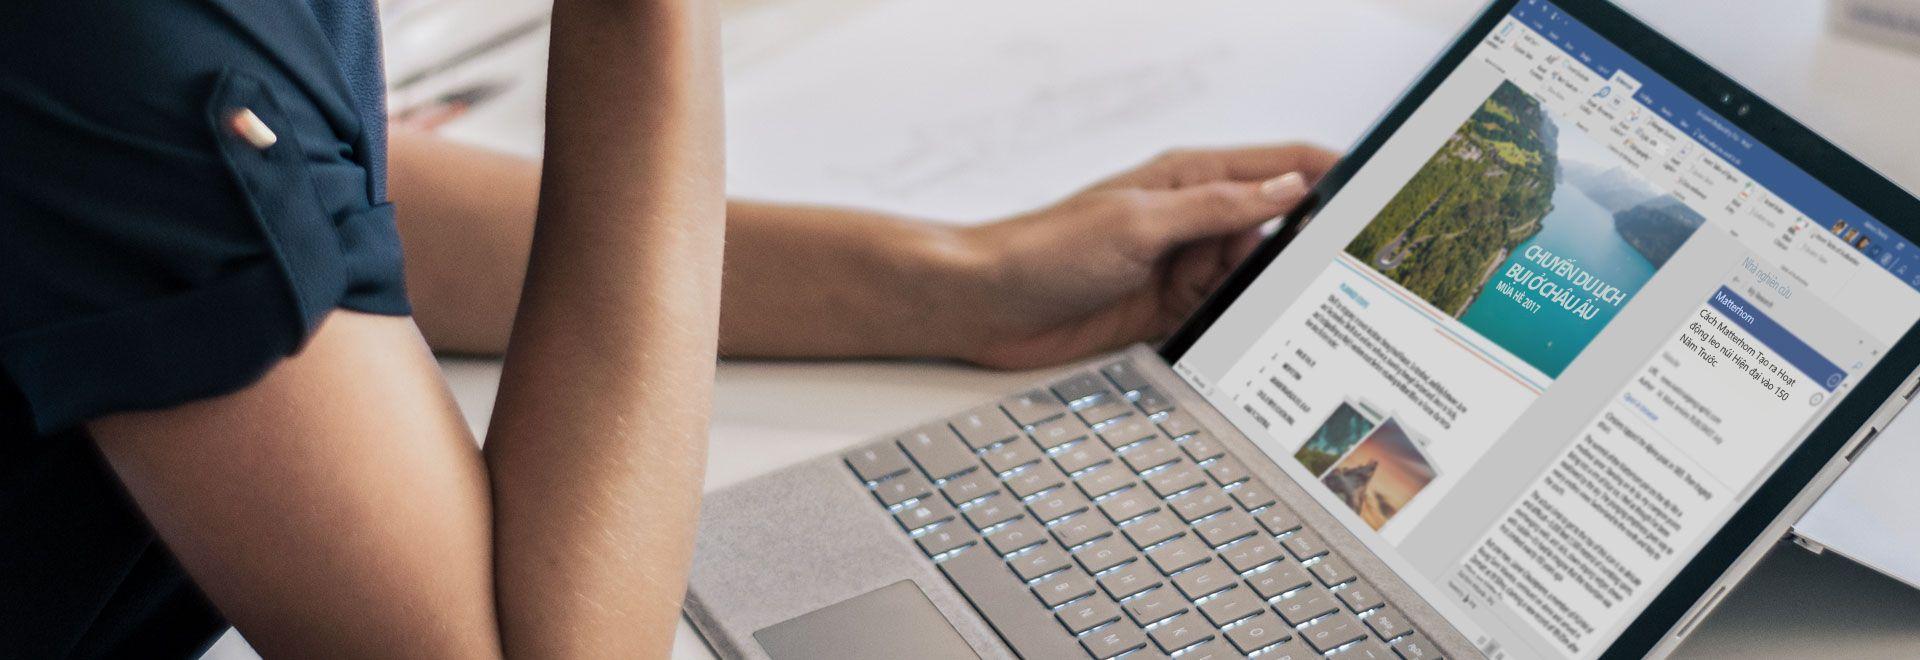 Máy tính bảng Microsoft Surface hiển thị một tài liệu Word về chuyến du lịch bụi tại châu Âu với Trình nghiên cứu Word đang mở